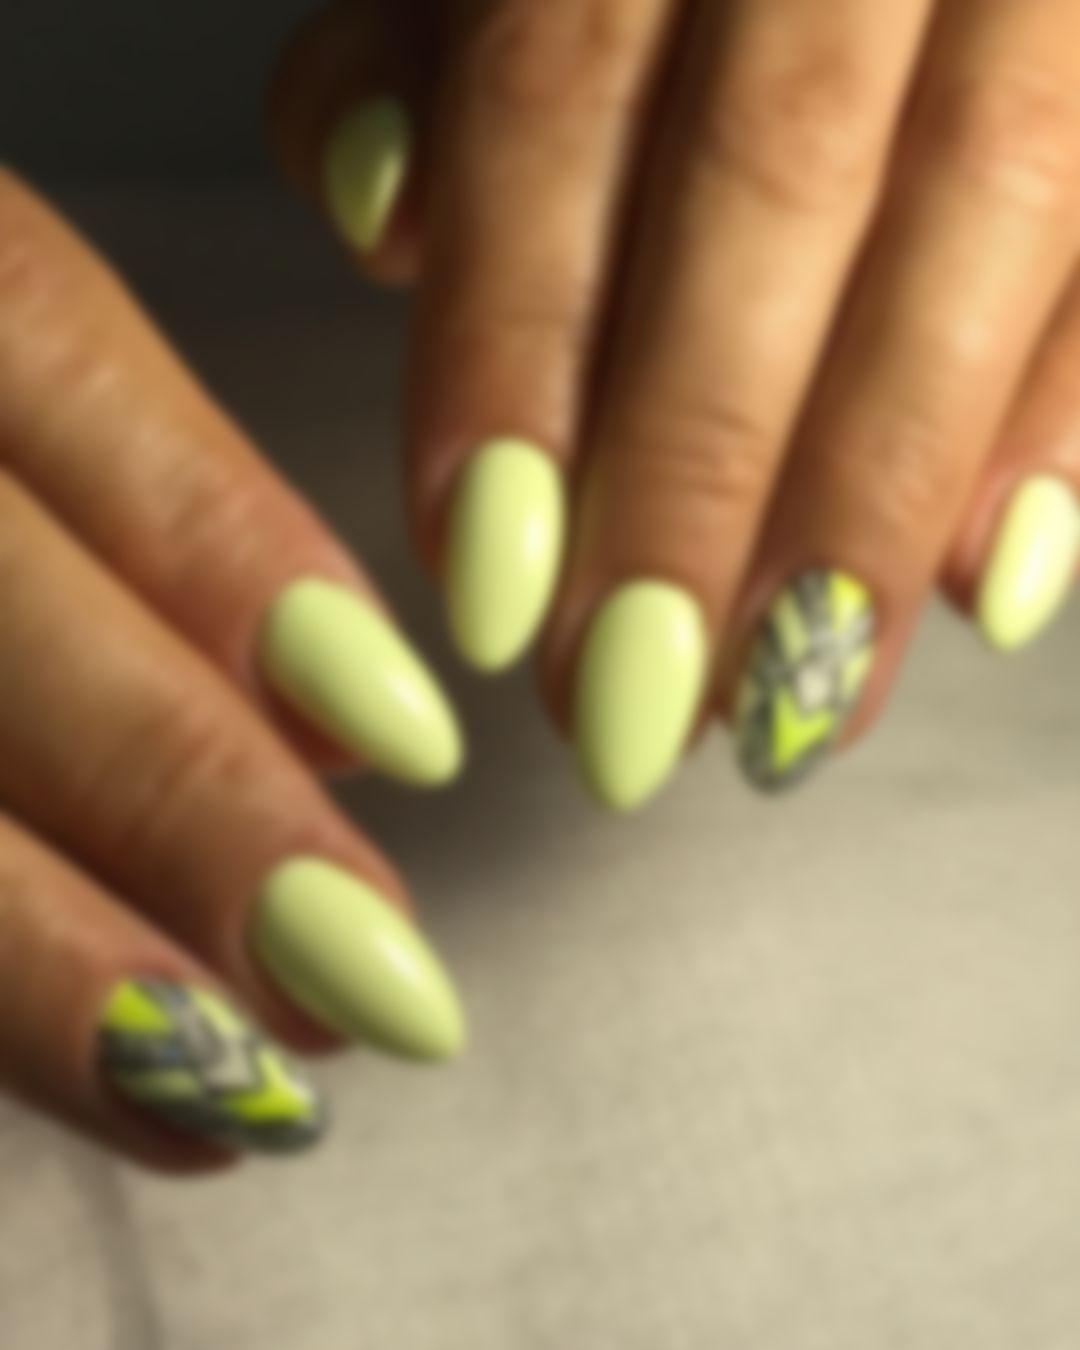 остановиться, отставив оригинальный дизайн ногтей с фото для лета один раз увидеть